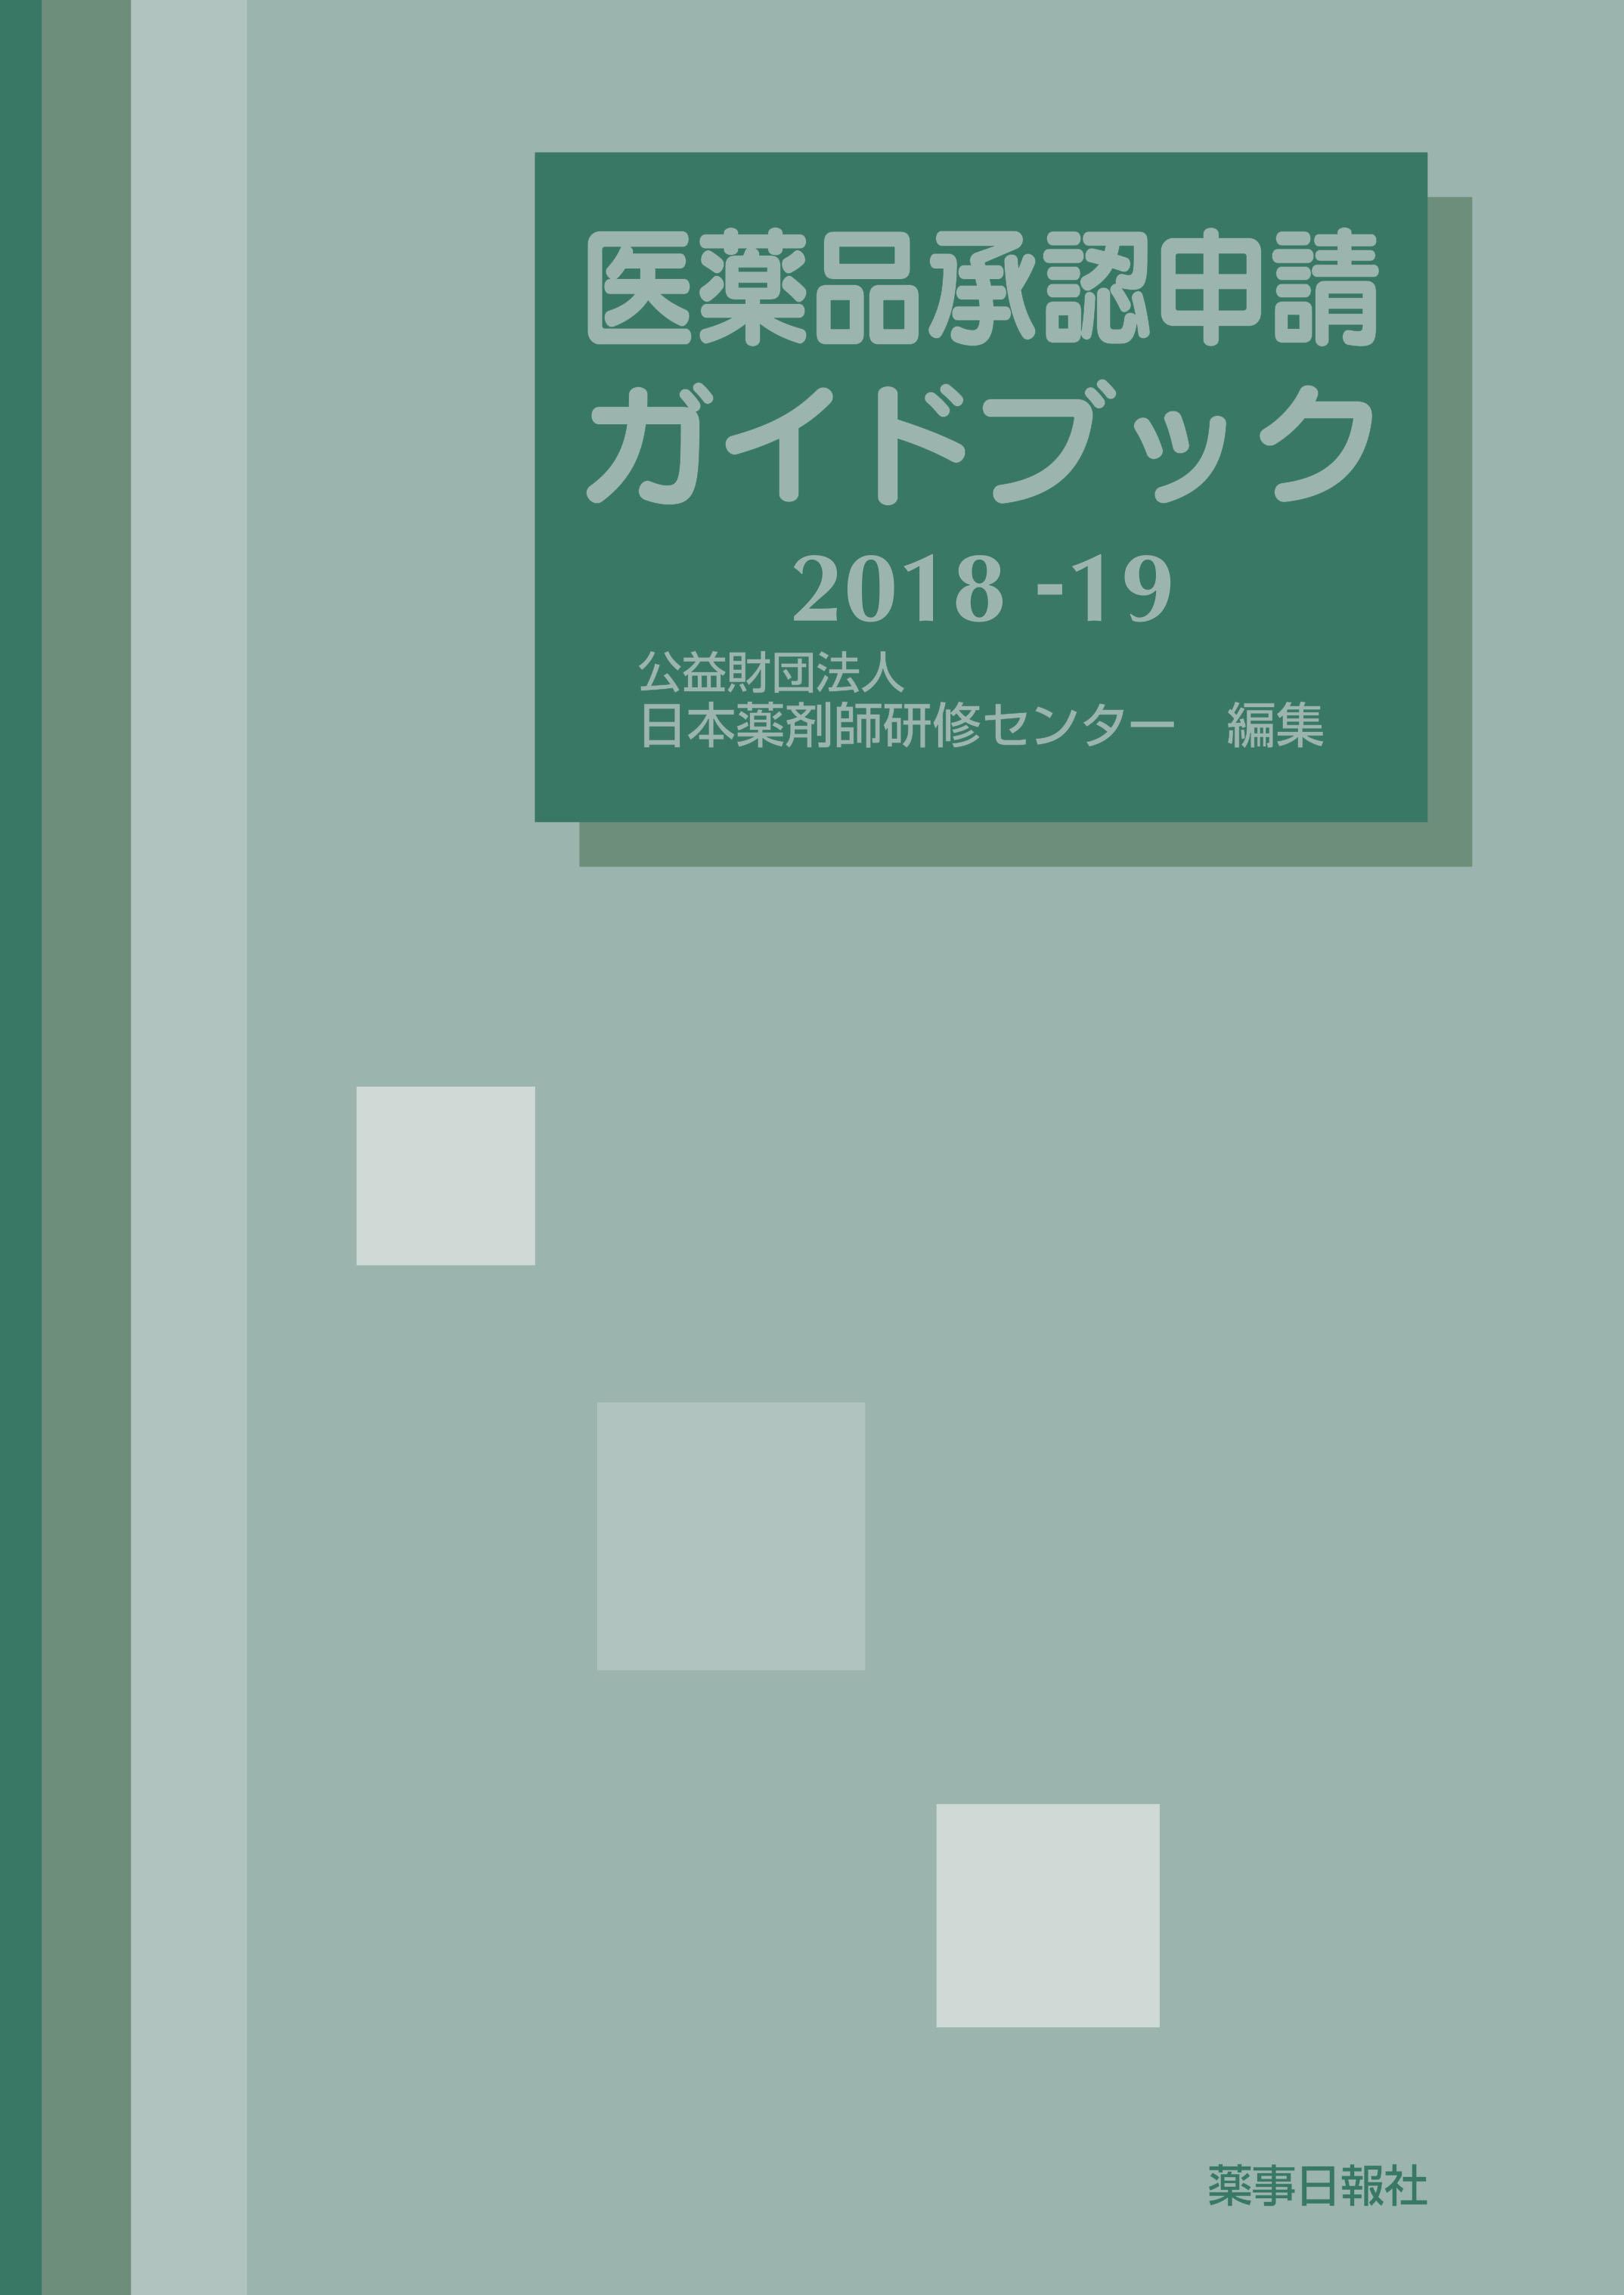 医薬品承認申請ガイドブック2018-19